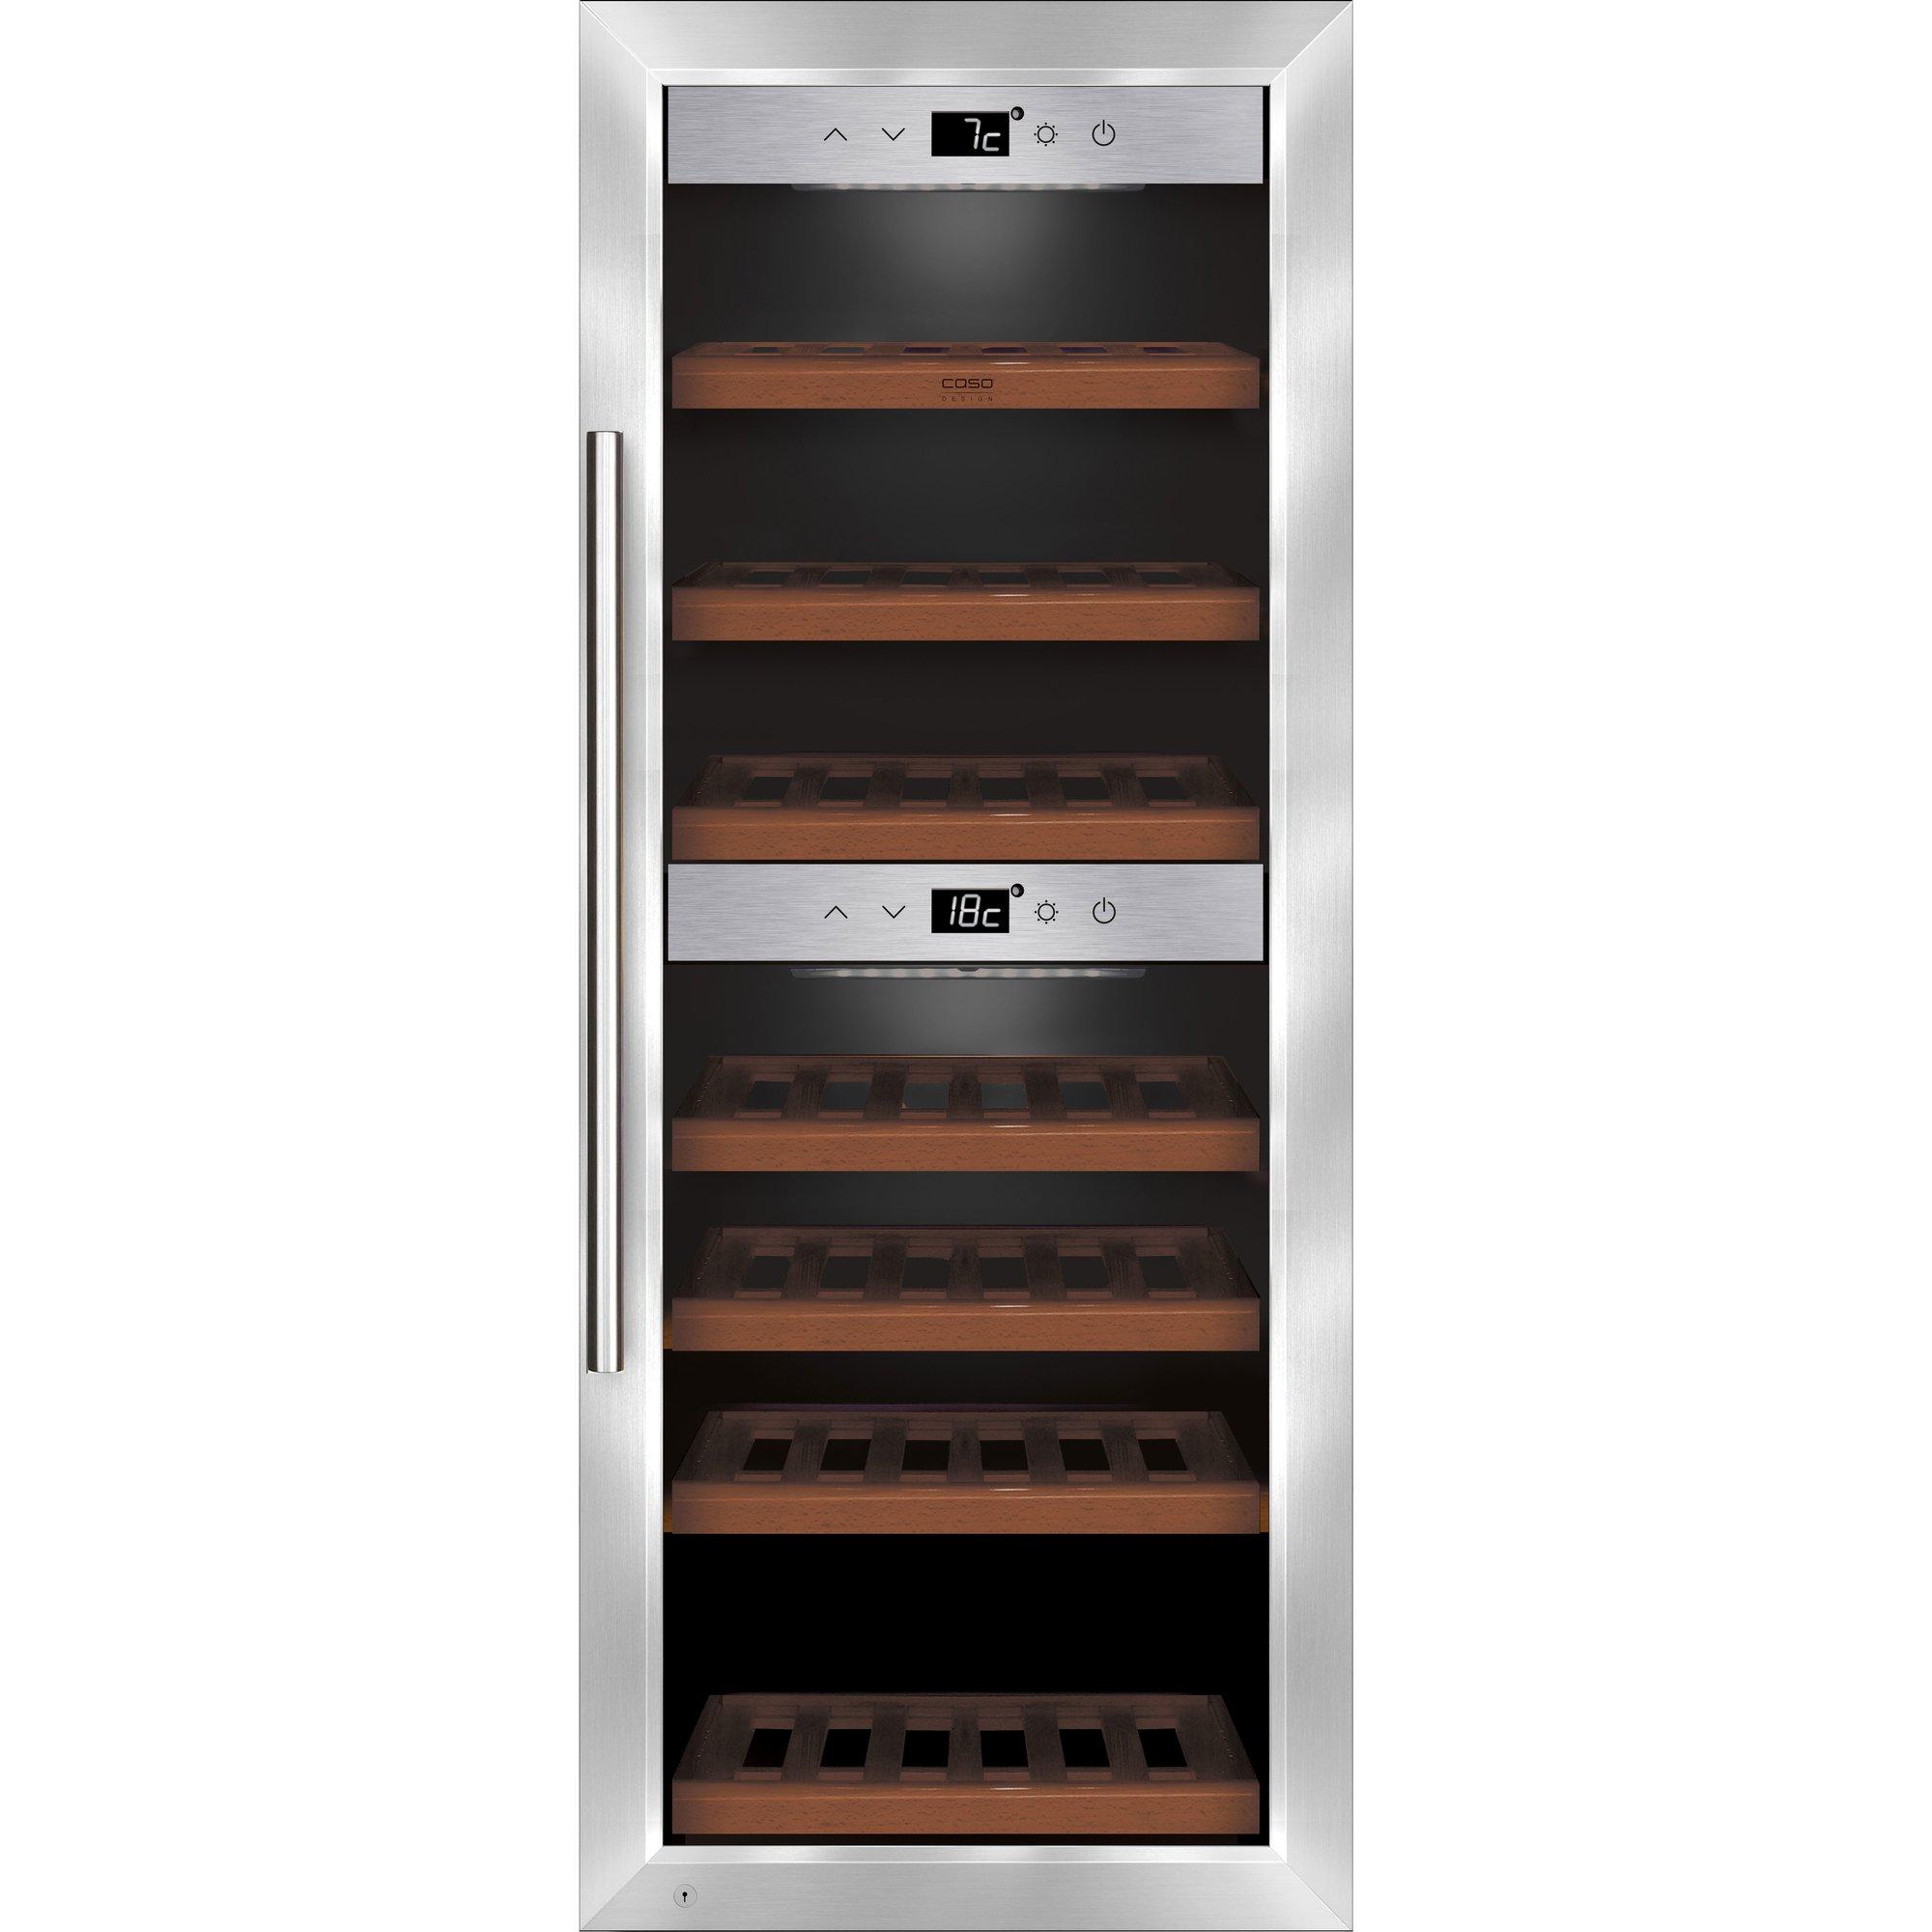 Caso WineComfort 380 Smart vinkylskåp